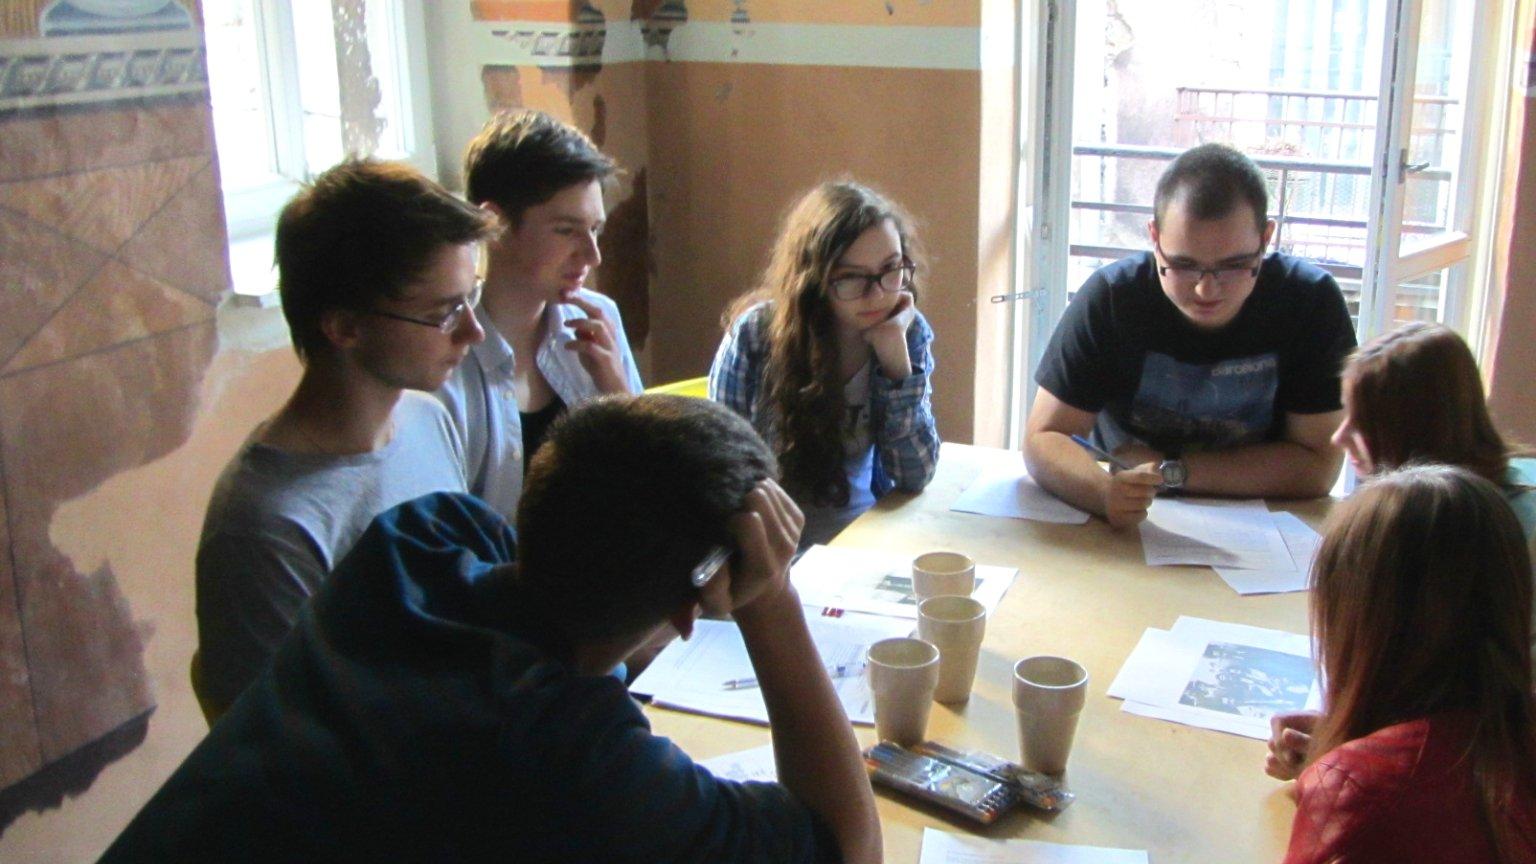 Fundacja Brama Cukermana została założona 10 marca 2009 roku w Będzinie z inicjatywy Karoliny i Piotra Jakoweńko